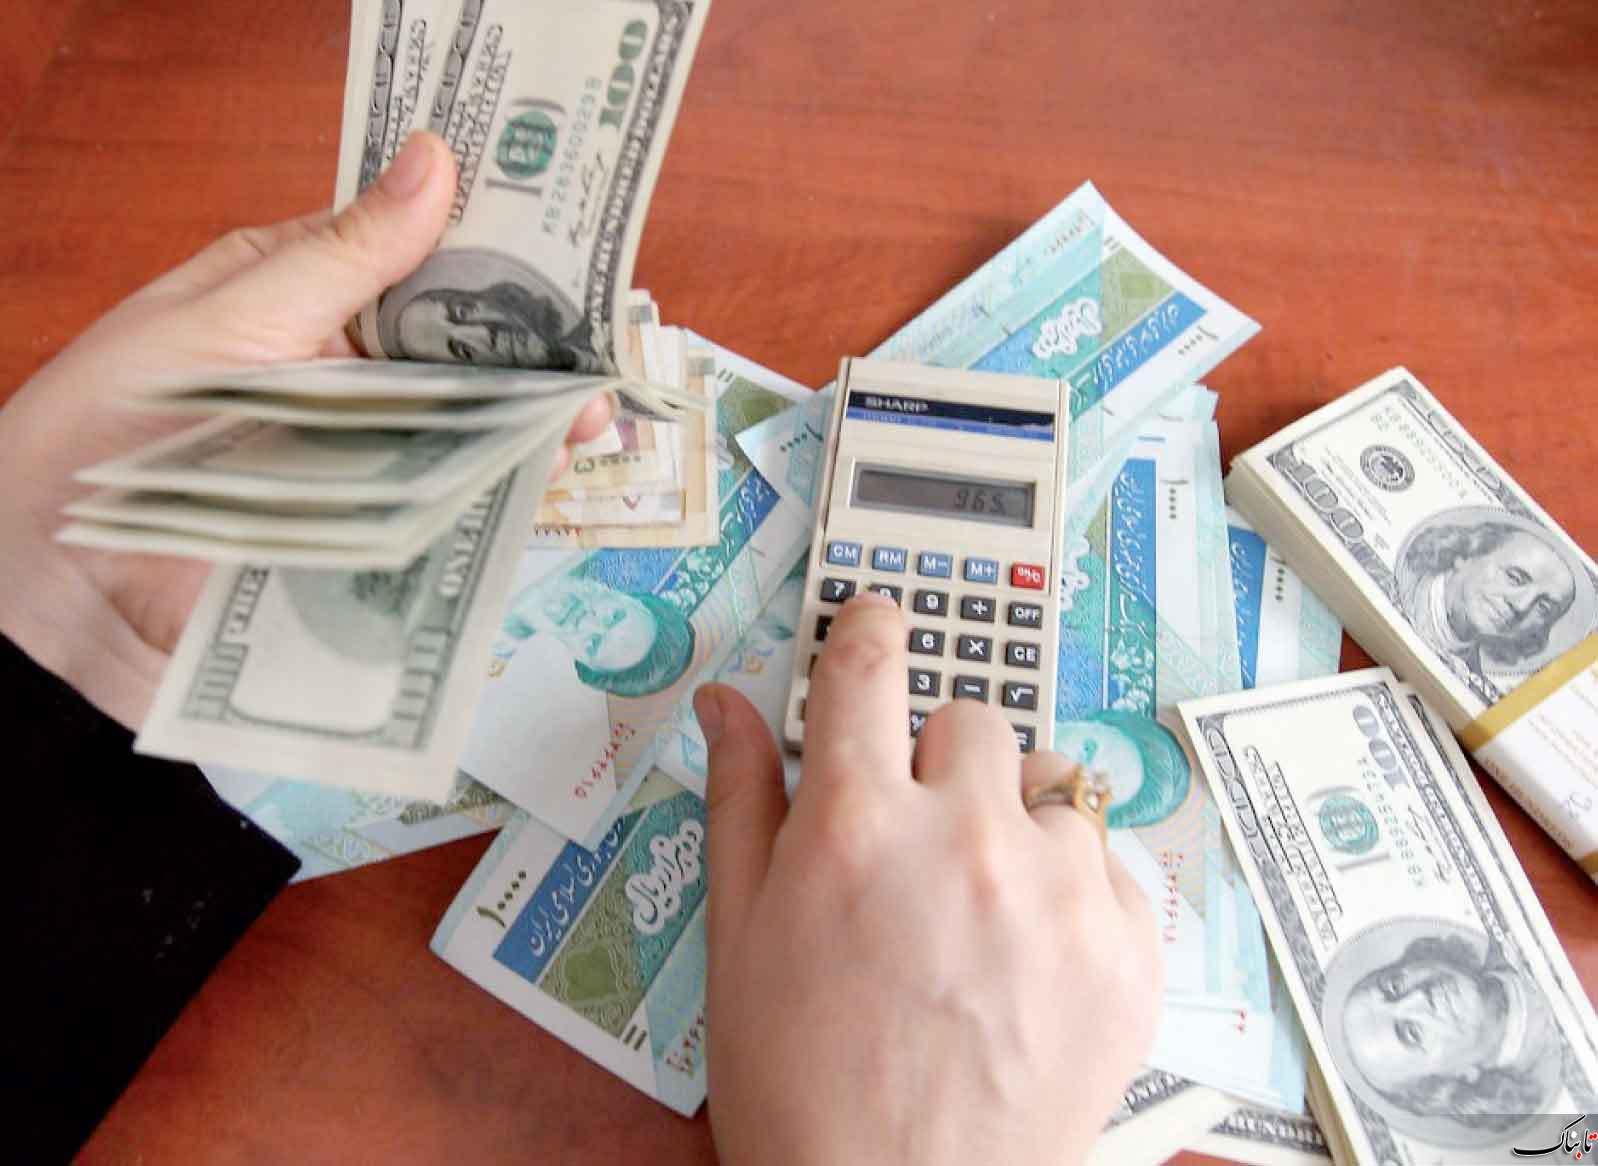 قیمت دلار سه شنبه ۲۳ مهرماه ۹۸/ تغییرات محدود شاخص ارزی